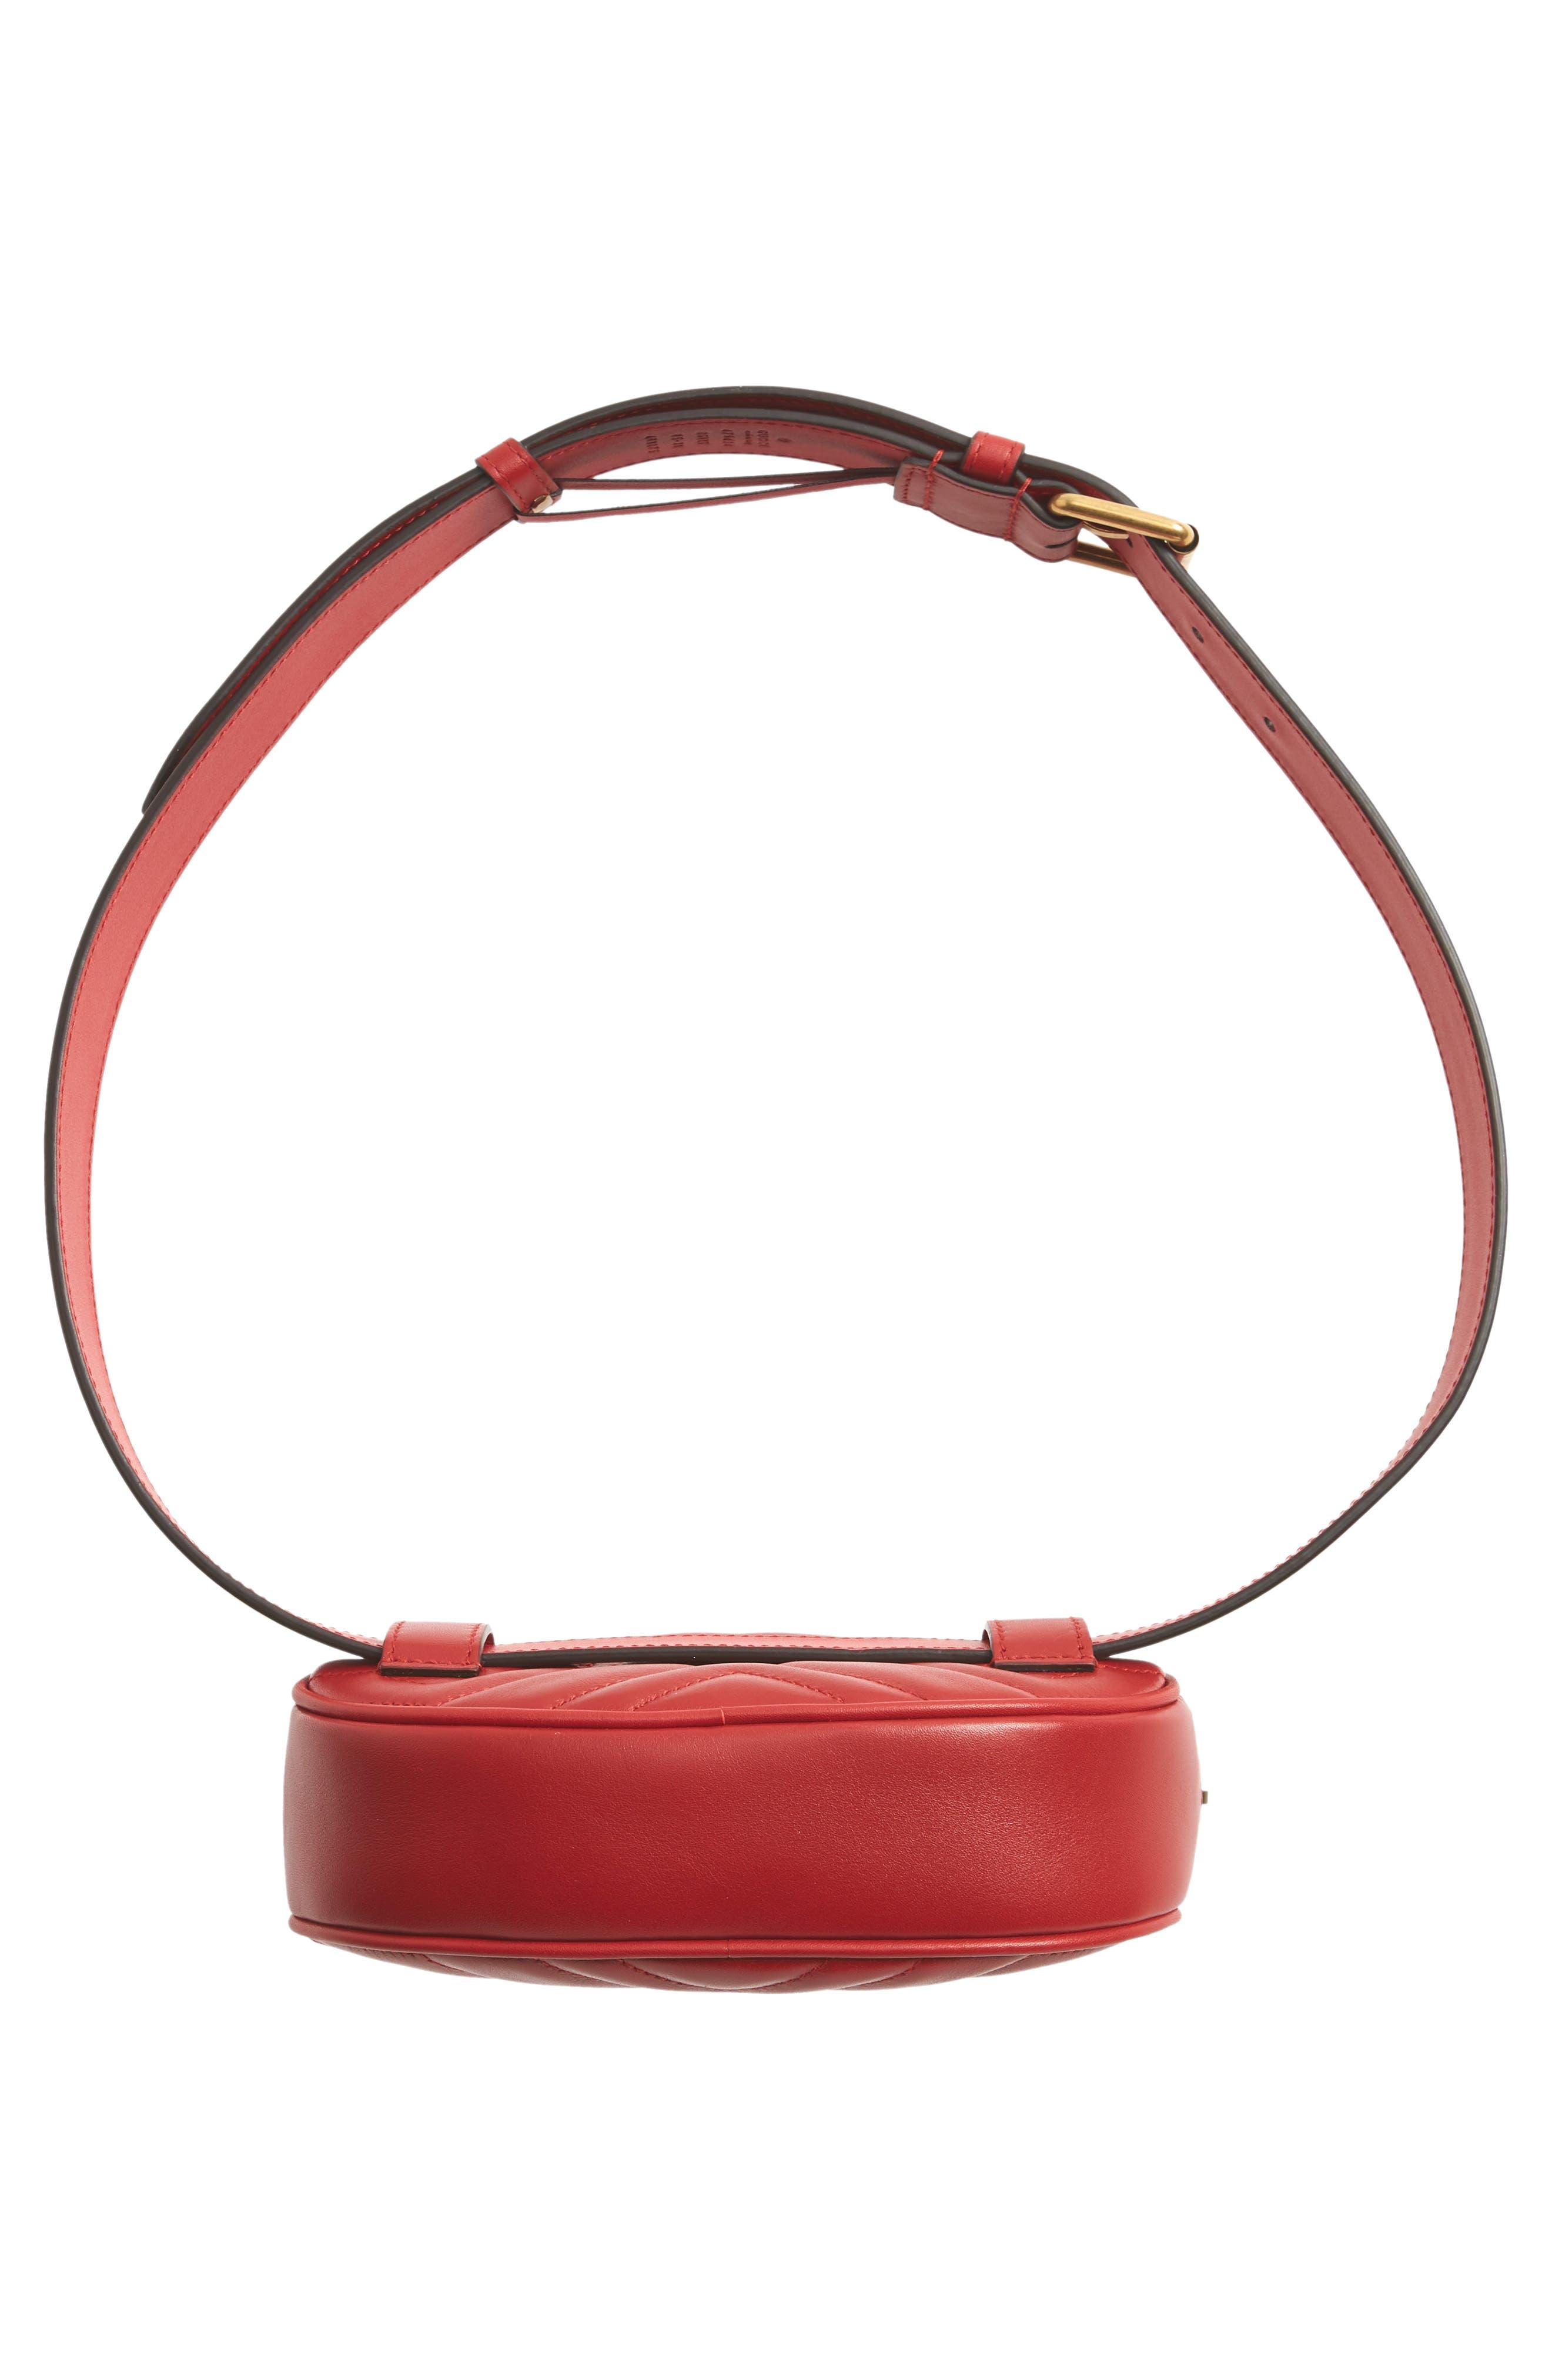 GG Marmont Matelassé Leather Belt Bag,                             Alternate thumbnail 7, color,                             625